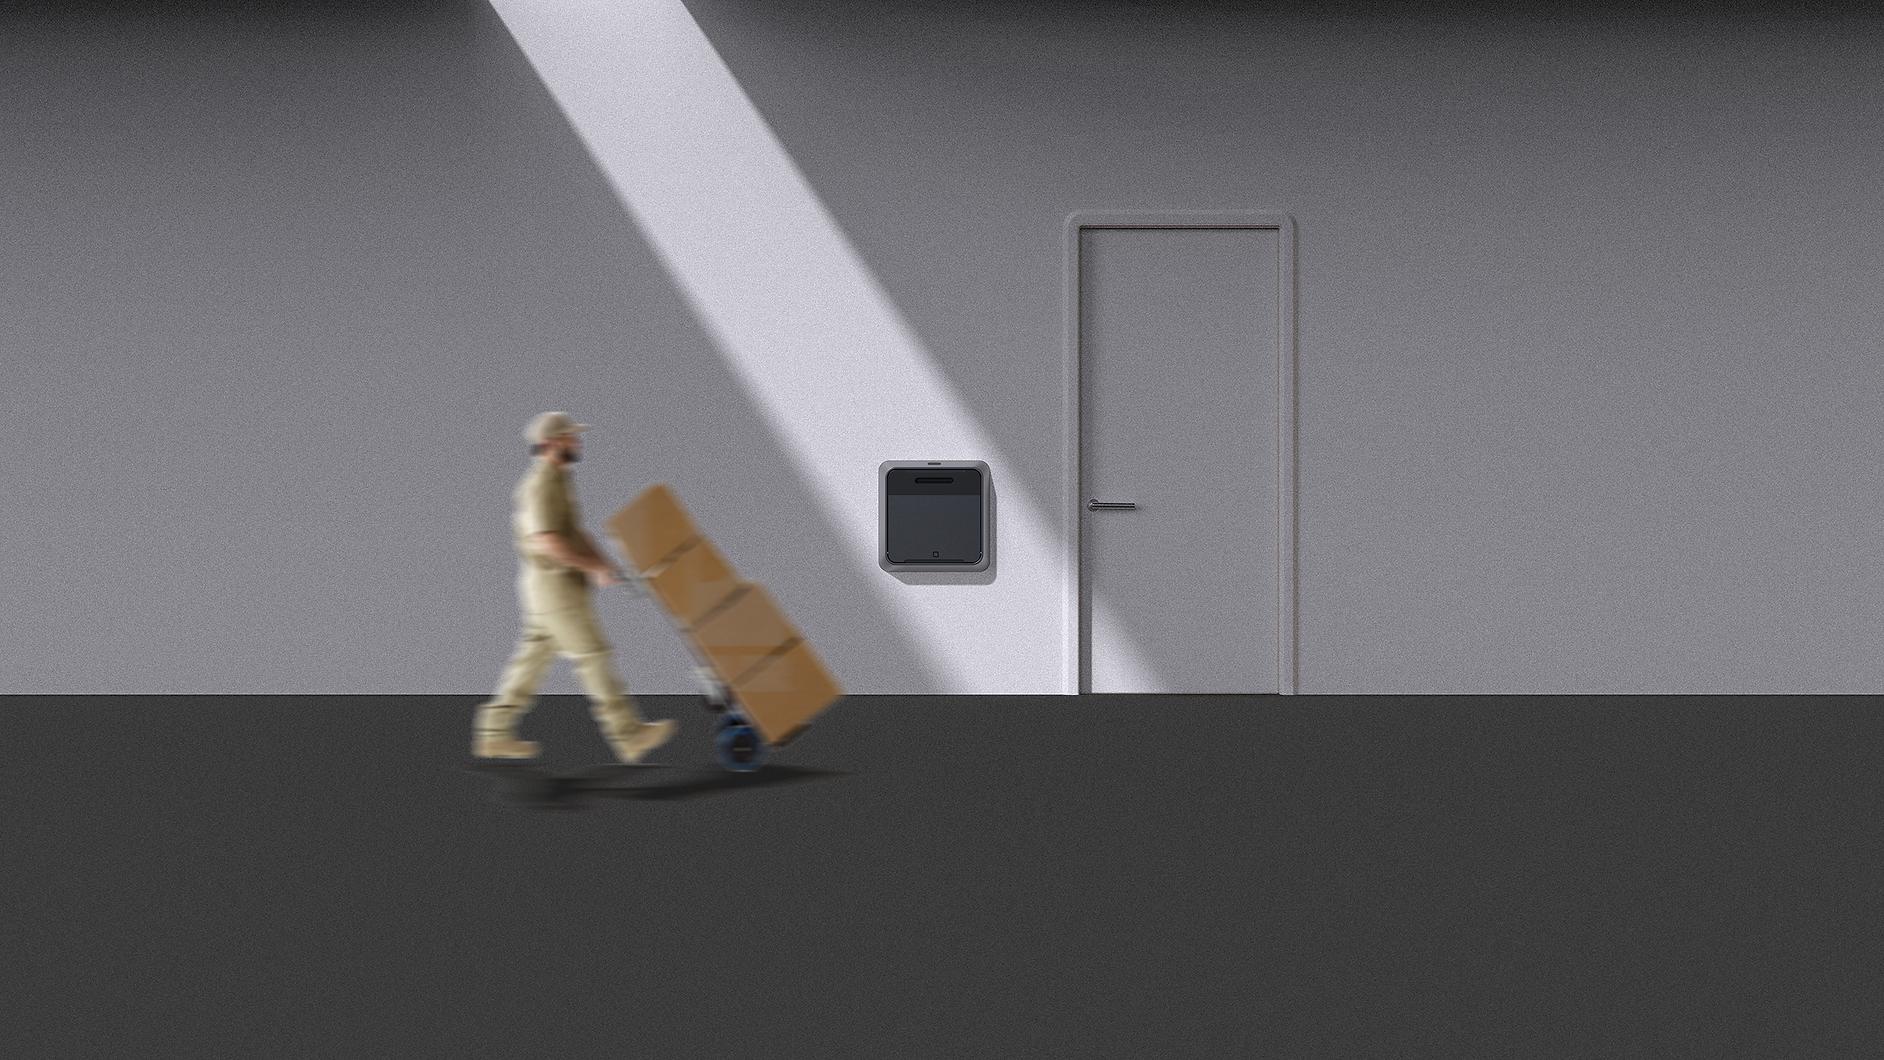 ind521_keyshot_homebox_deliverydriver3.p